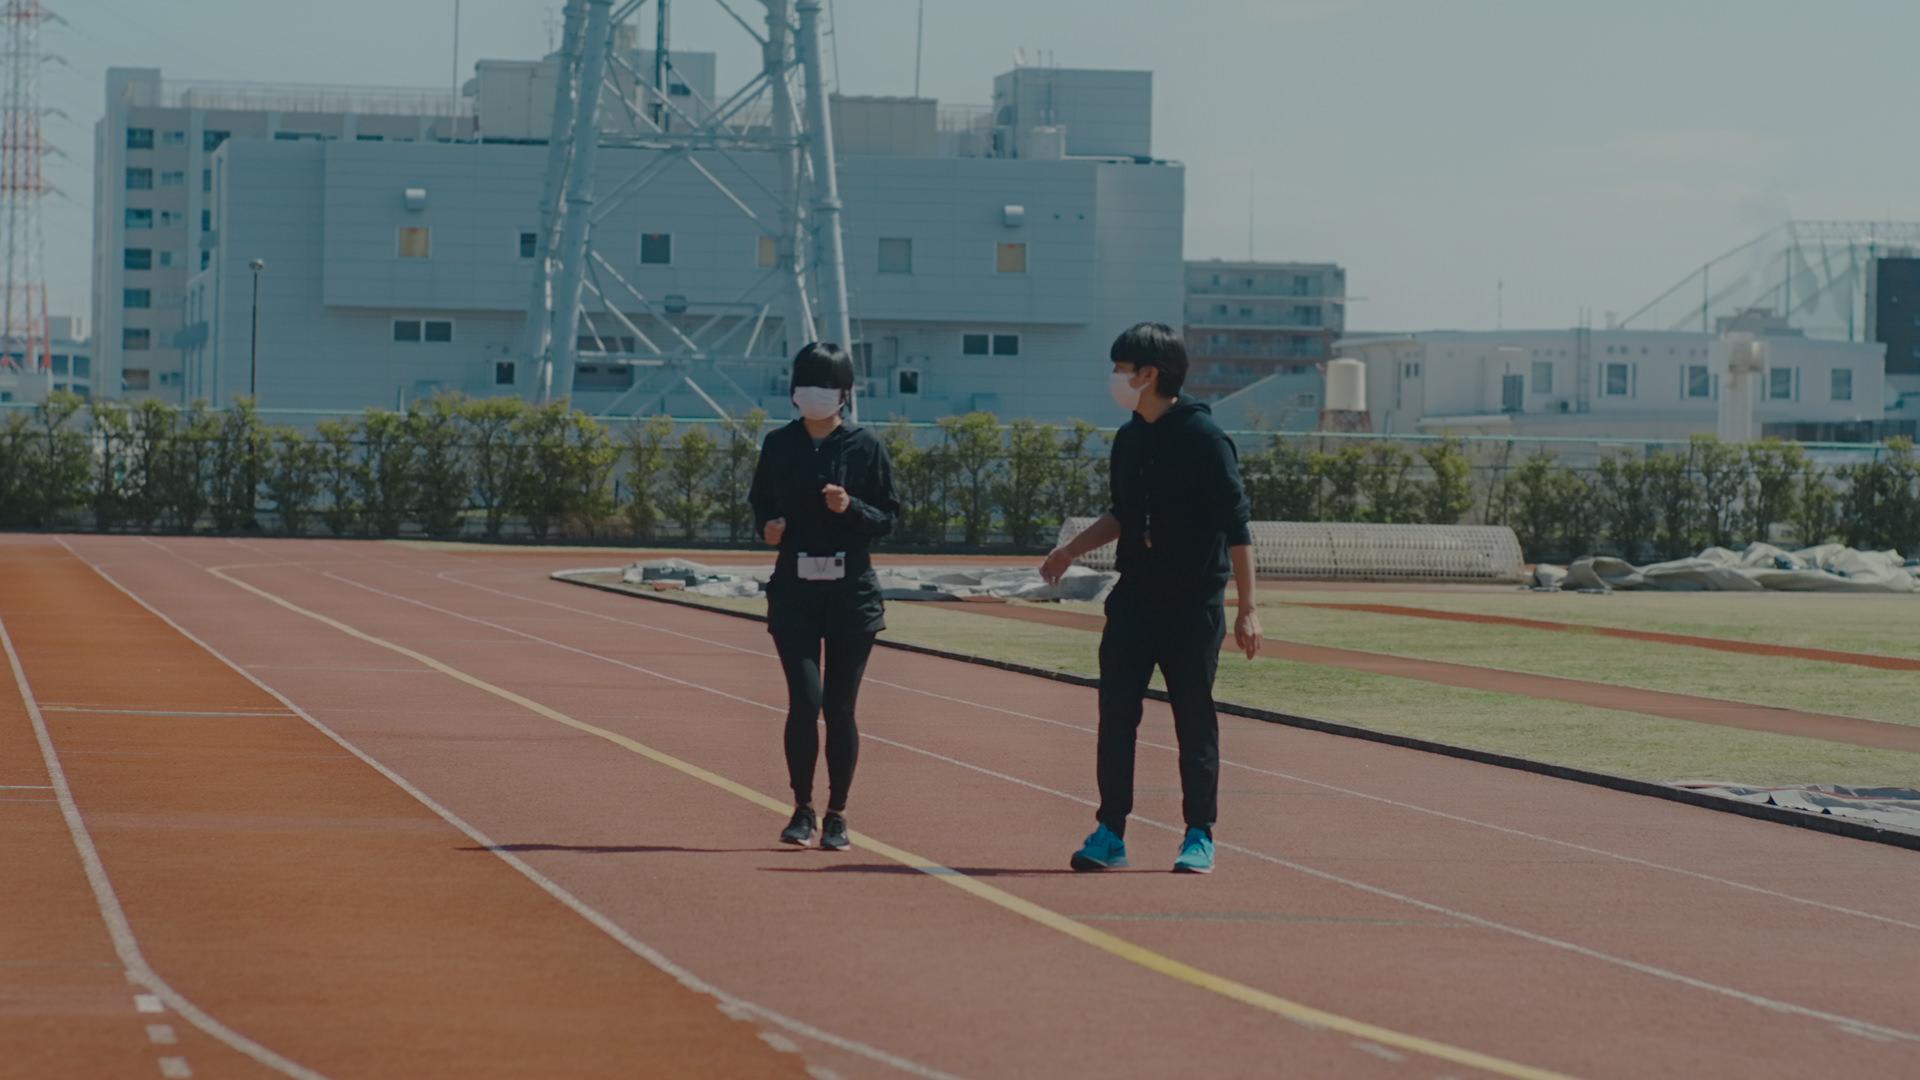 写真:アイマスクをした女性のテスト走者がガイドラインのテープにそって小走りする。